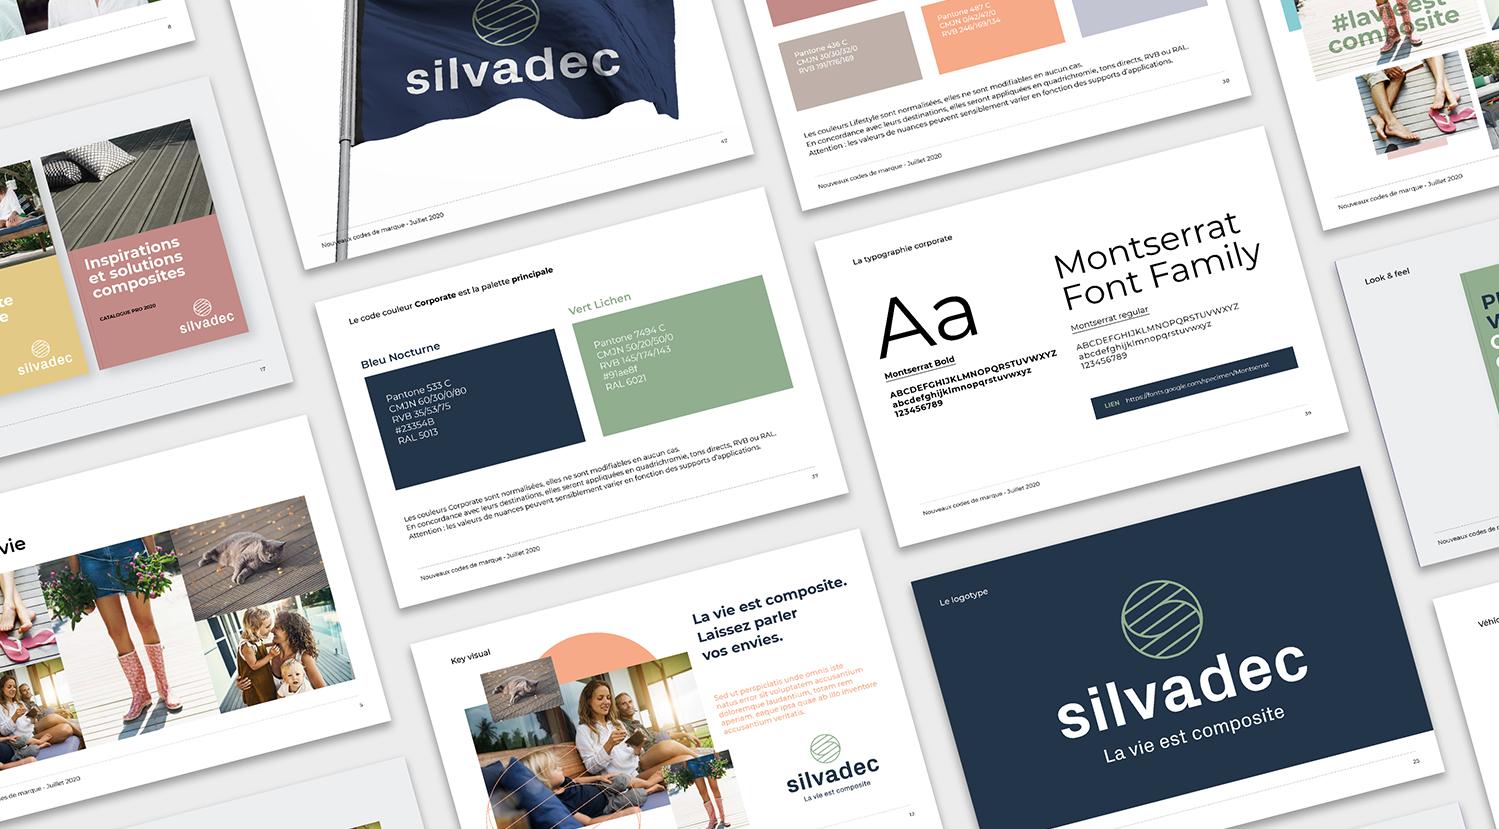 Identité visuelle et univers de marque Silvadec